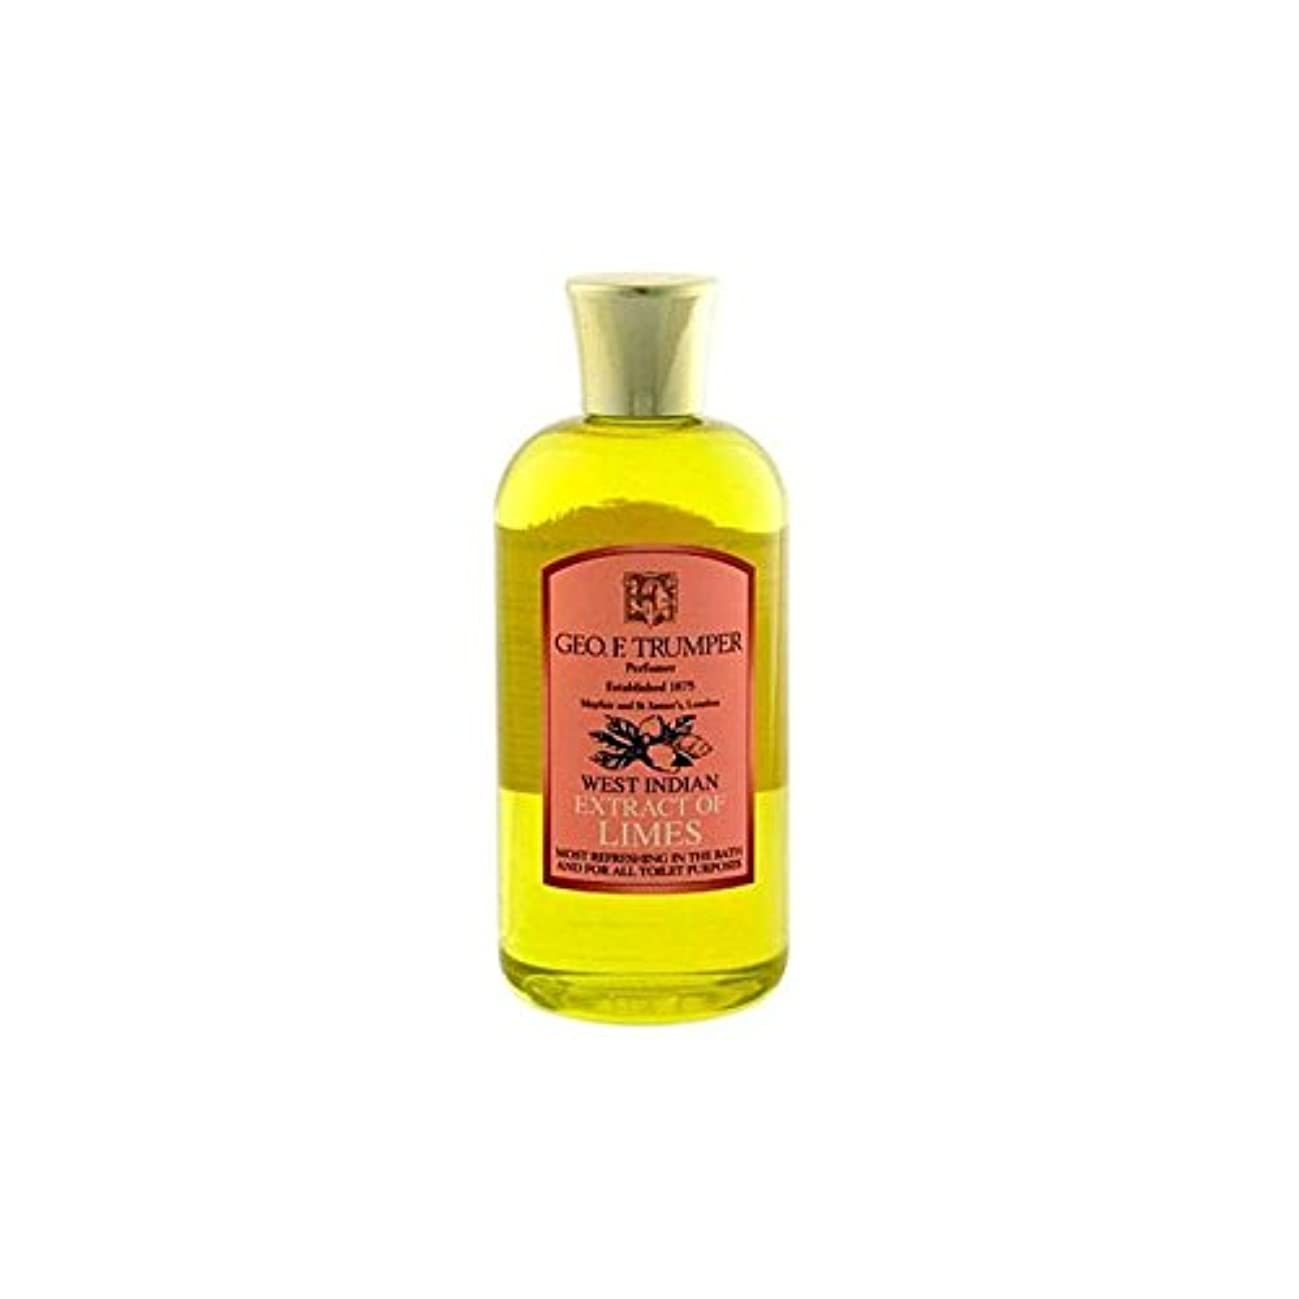 責める中央つらいライムのバスタブとシャワージェル200の抽出物を x4 - Trumpers Extracts of Limes Bath and Shower Gel 200ml (Pack of 4) [並行輸入品]